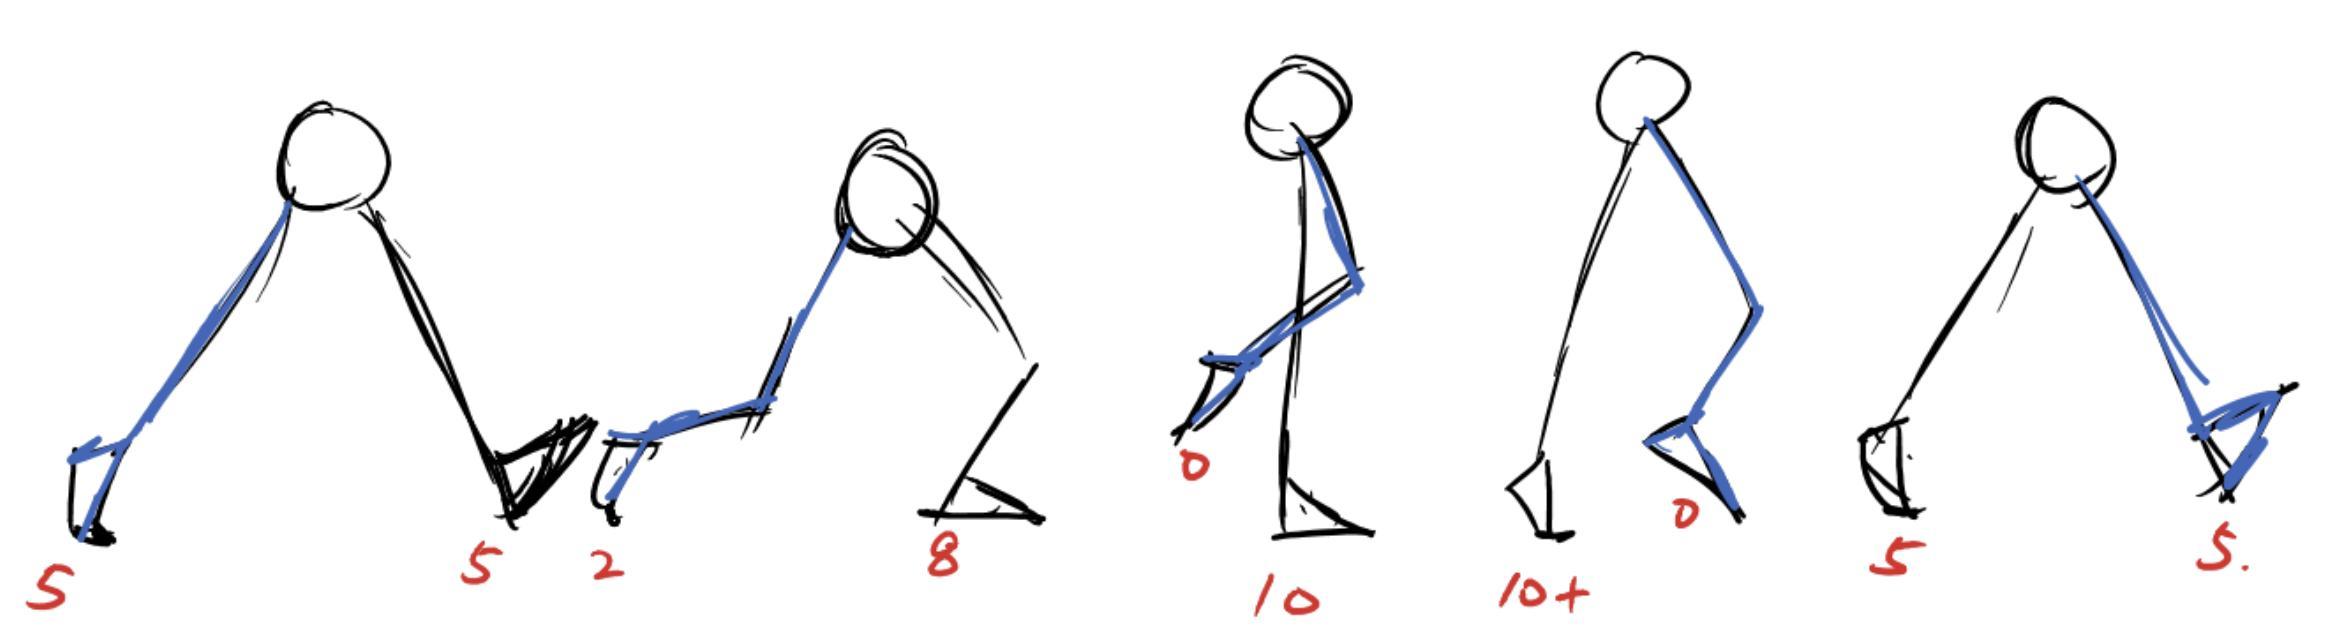 越简单却越难!要画好动画中的走路和跑步,比你想象中难得多